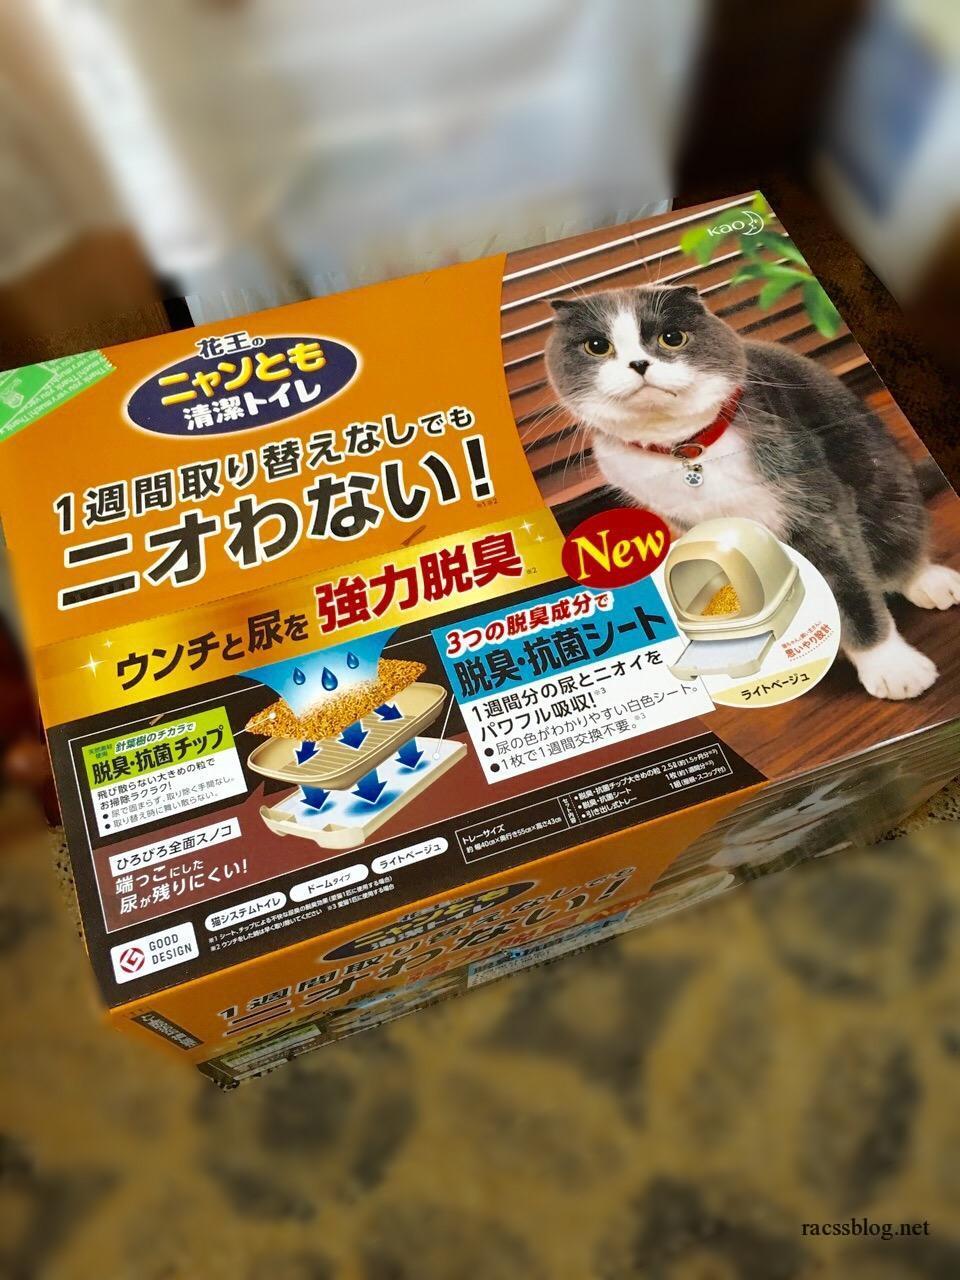 猫のシステムトイレを導入!木製ペレットに変えてみたら軽いしコスパもよし。